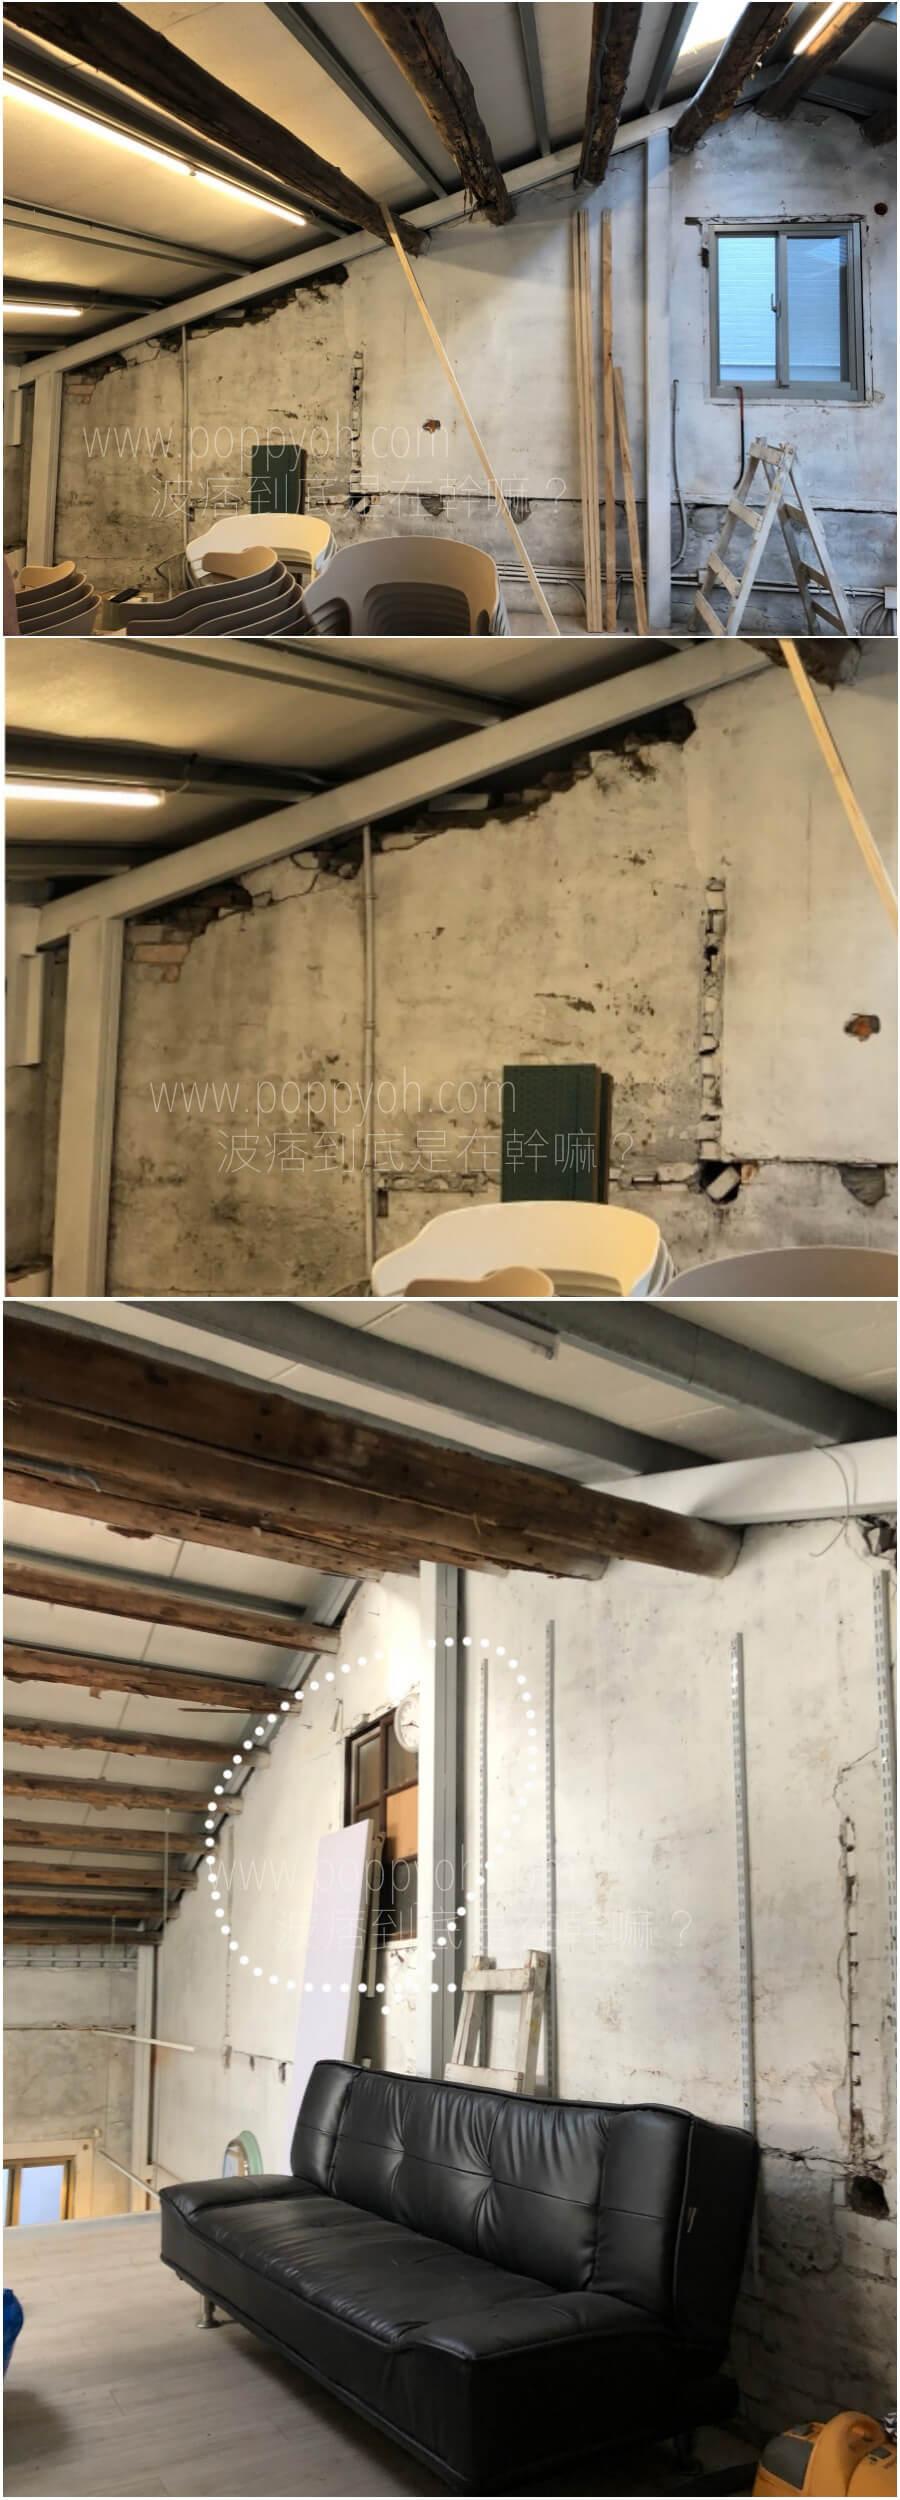 居家改造 裝潢 管線